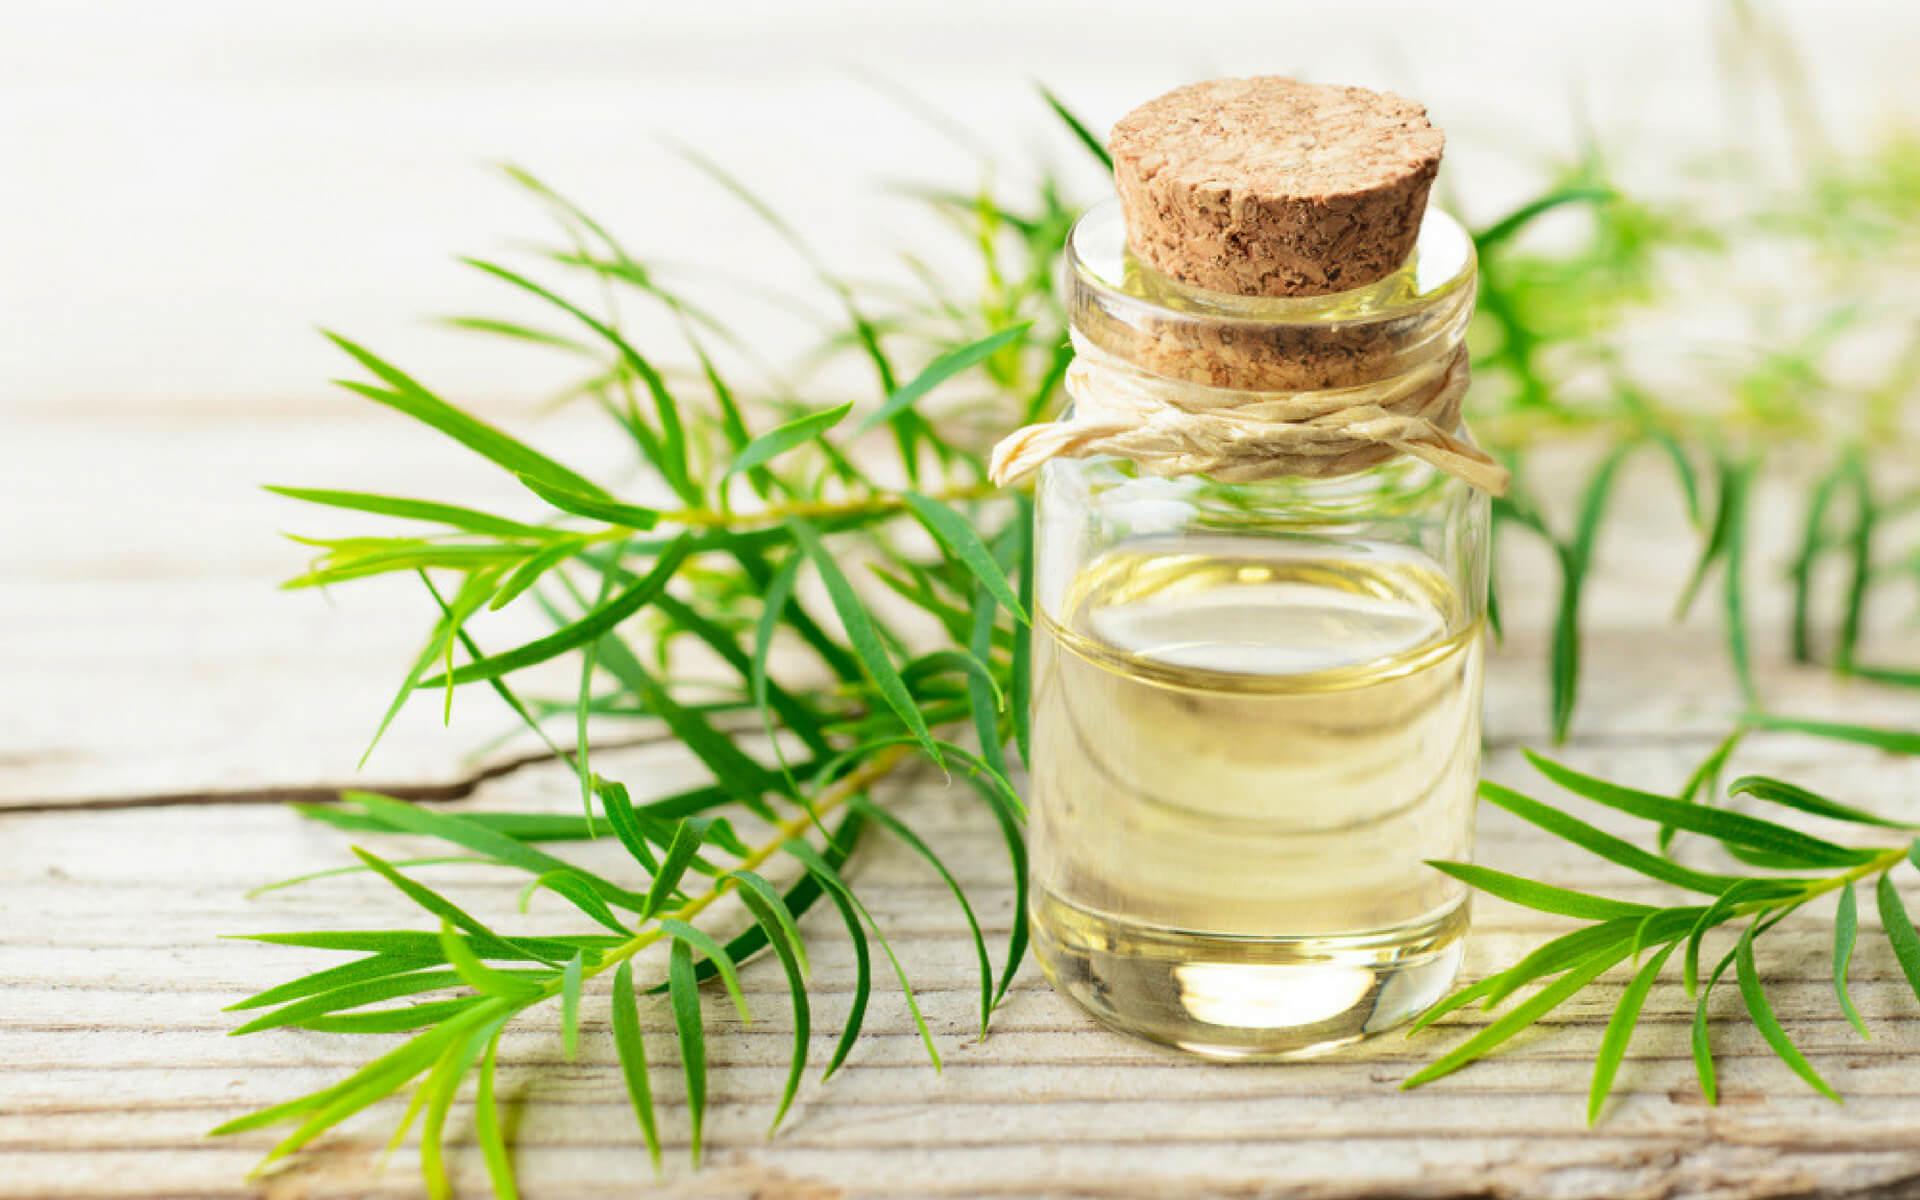 Il Tea Tree oil è un ottimo repellente naturale utili per combattere le cimici